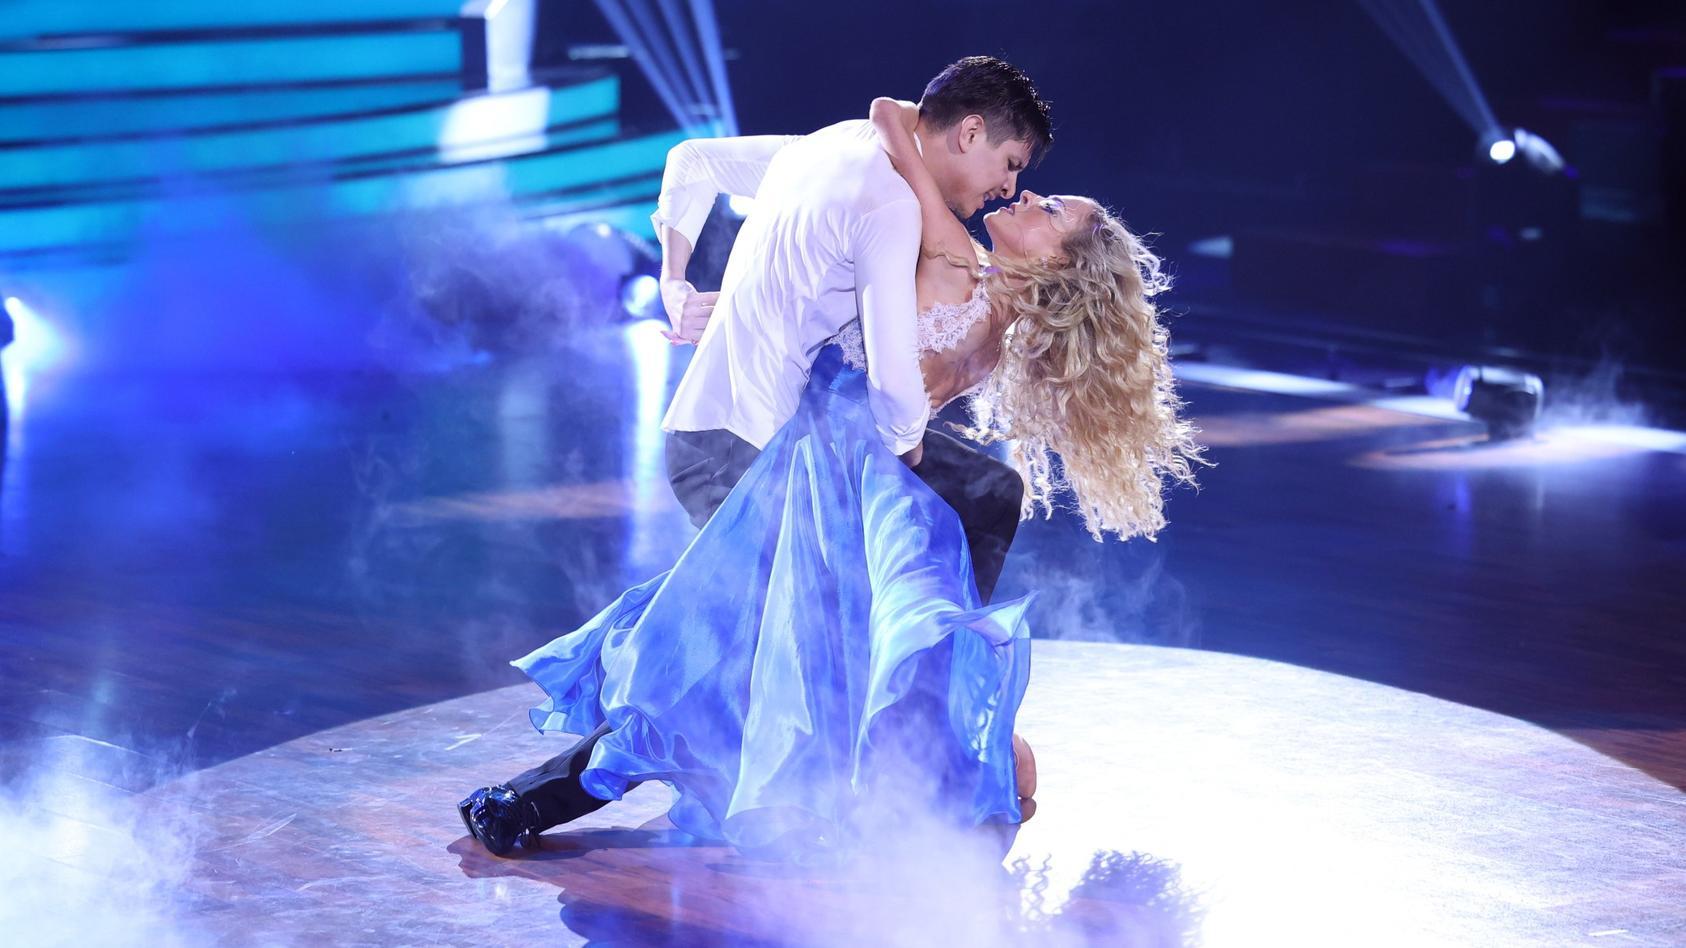 Alexandru Ionel und Patricija Belousova wollen heiraten!